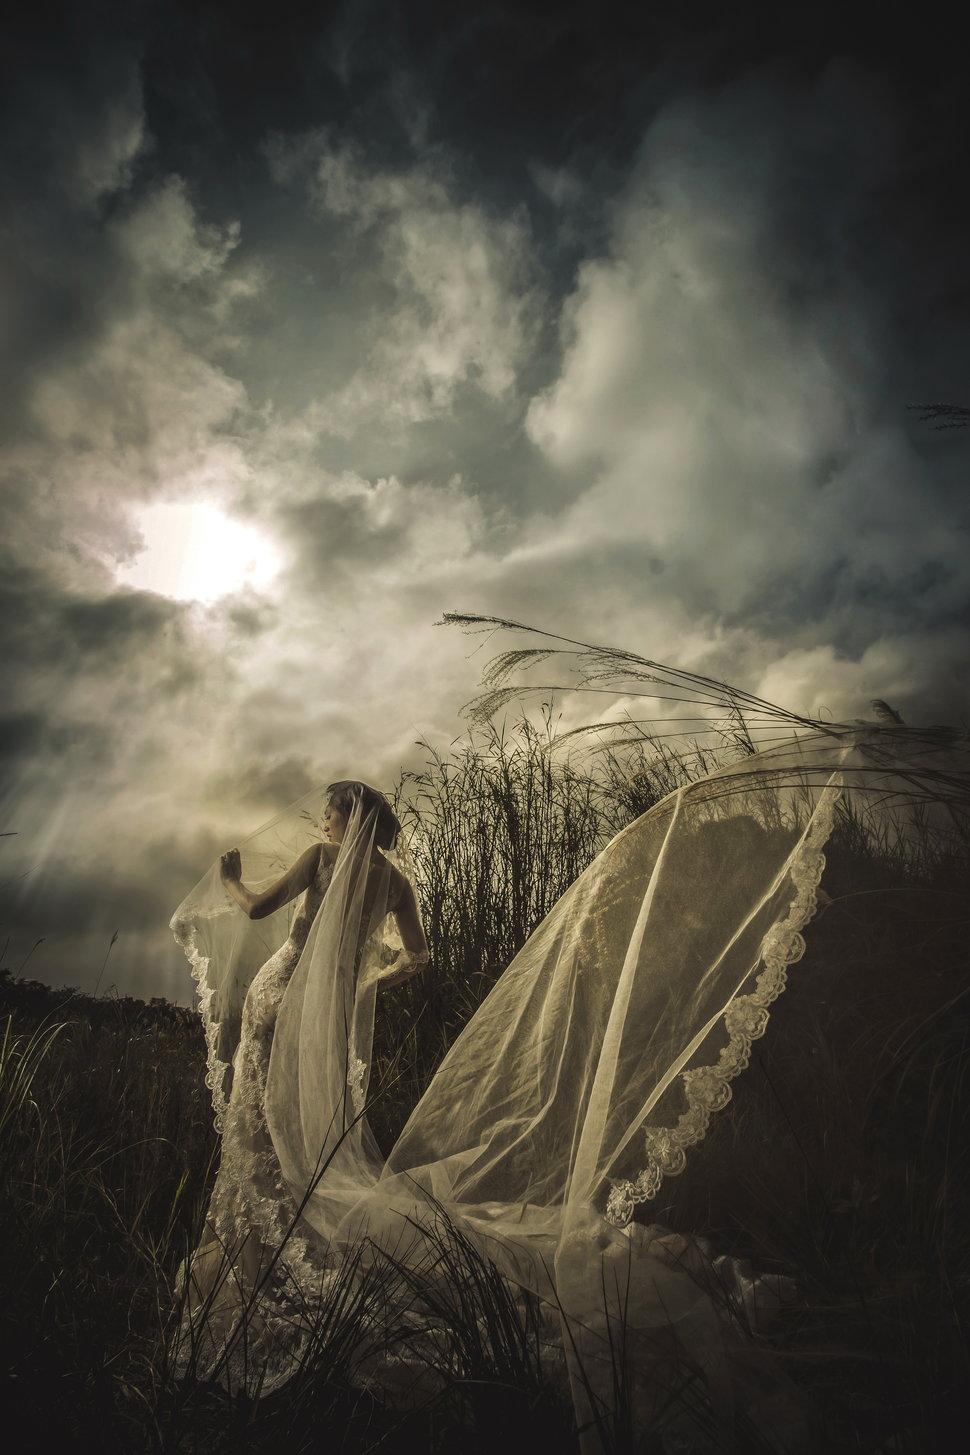 2016希臘婚禮手工婚紗禮服(編號:377096) - 希臘婚禮  婚紗  攝影 - 結婚吧